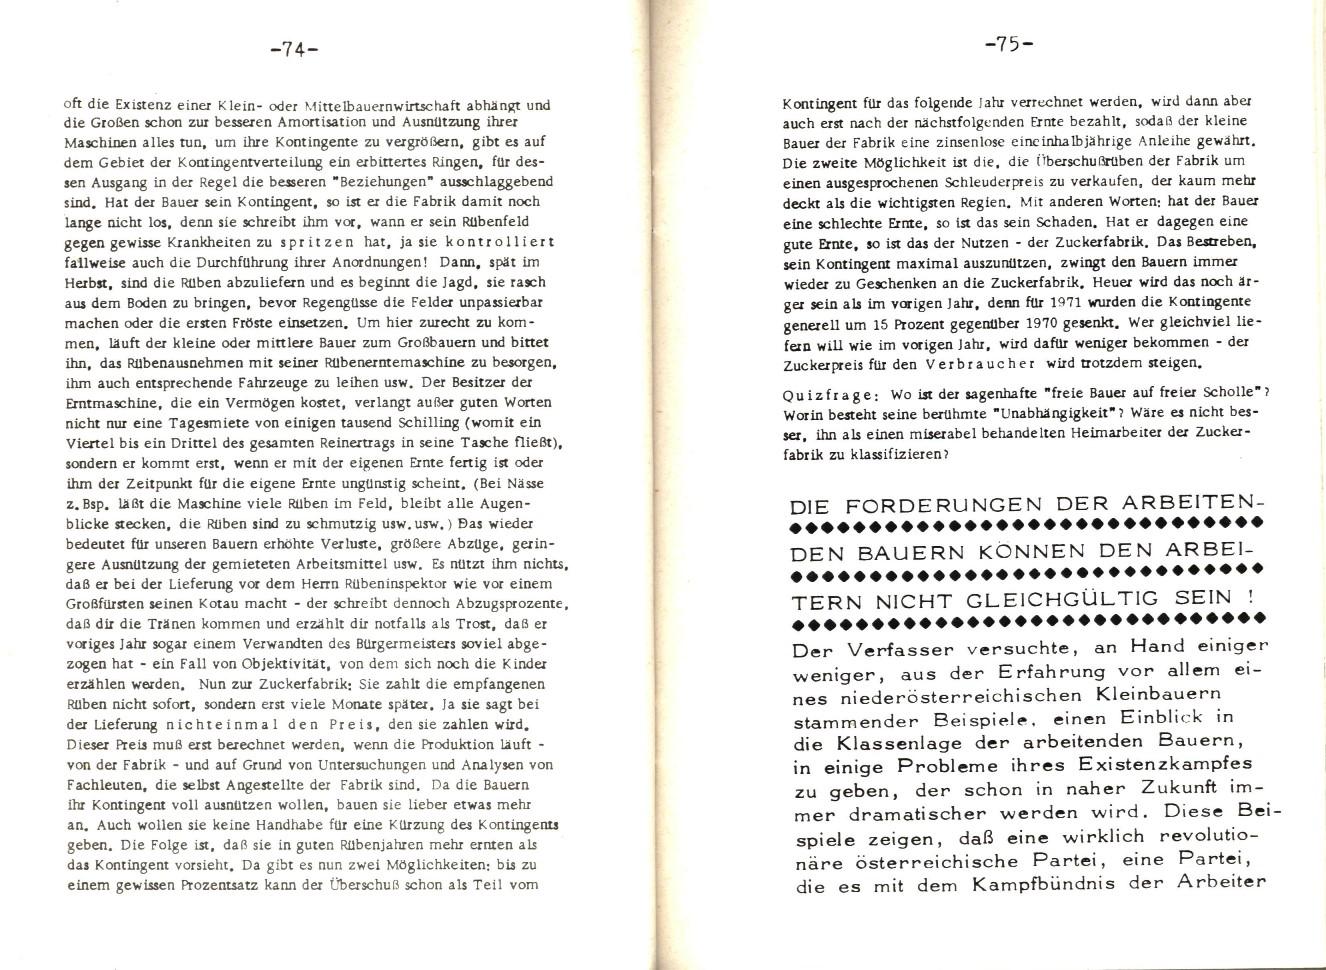 MLSK_Theorie_und_Praxis_des_ML_1978_23_41